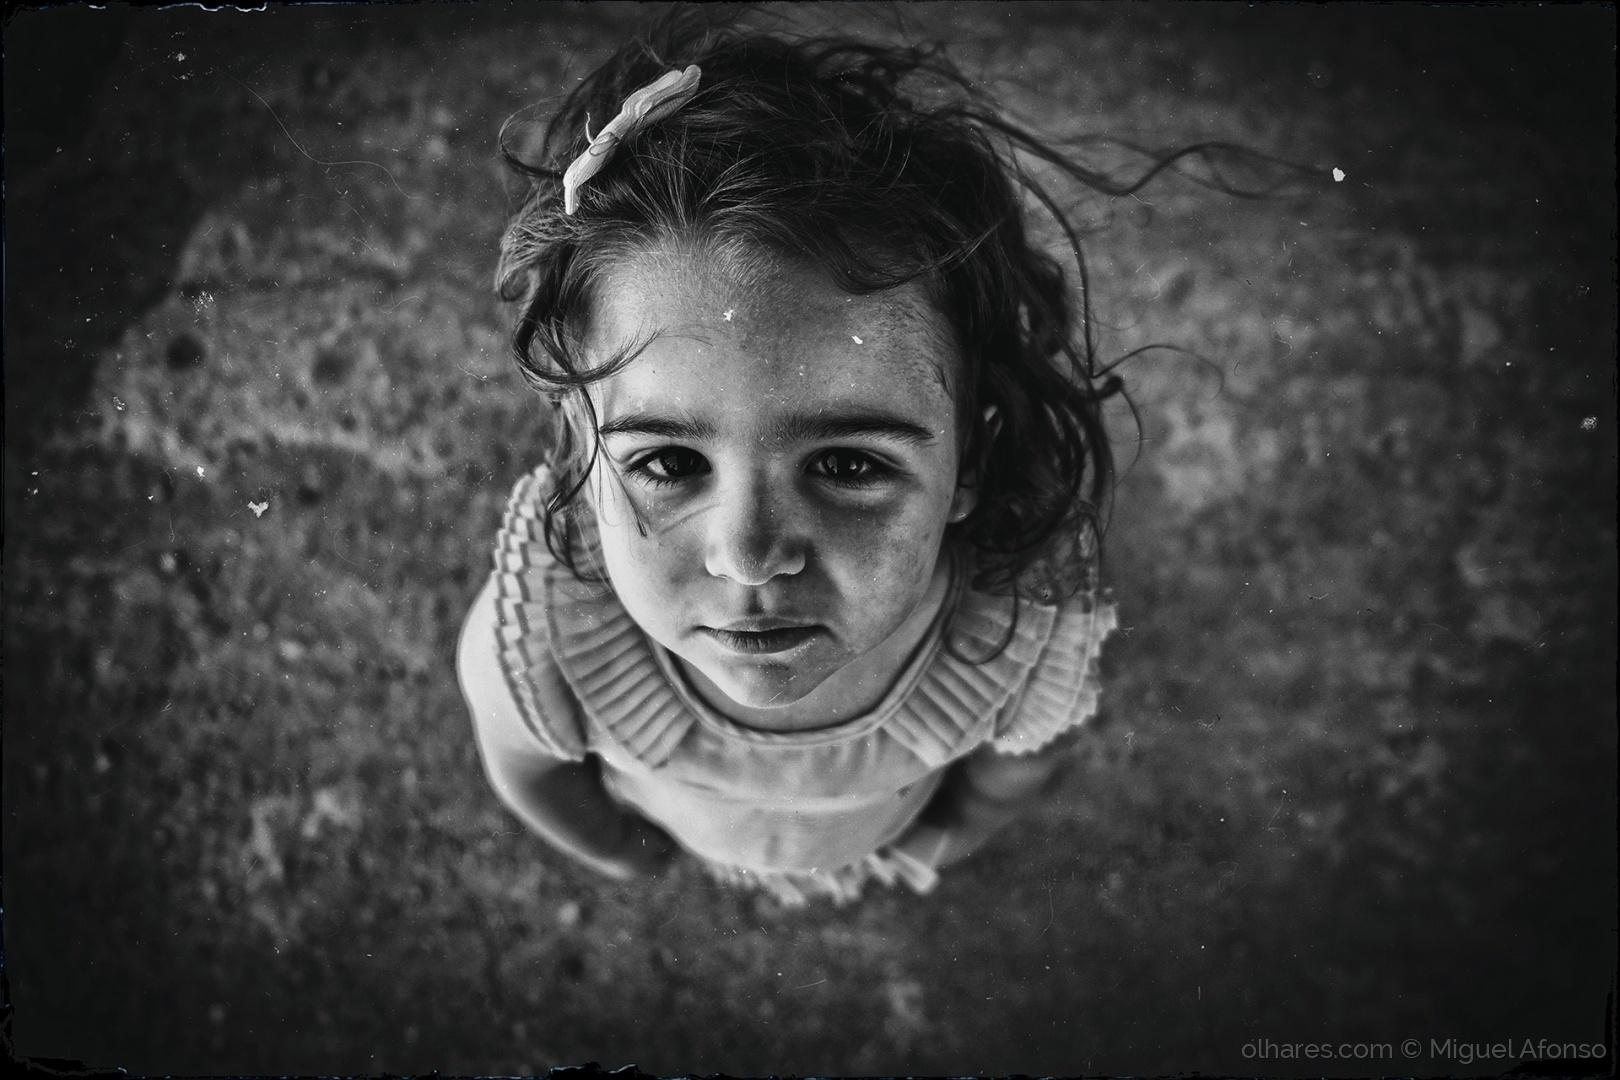 © Miguel Afonso - A inocência no olhar